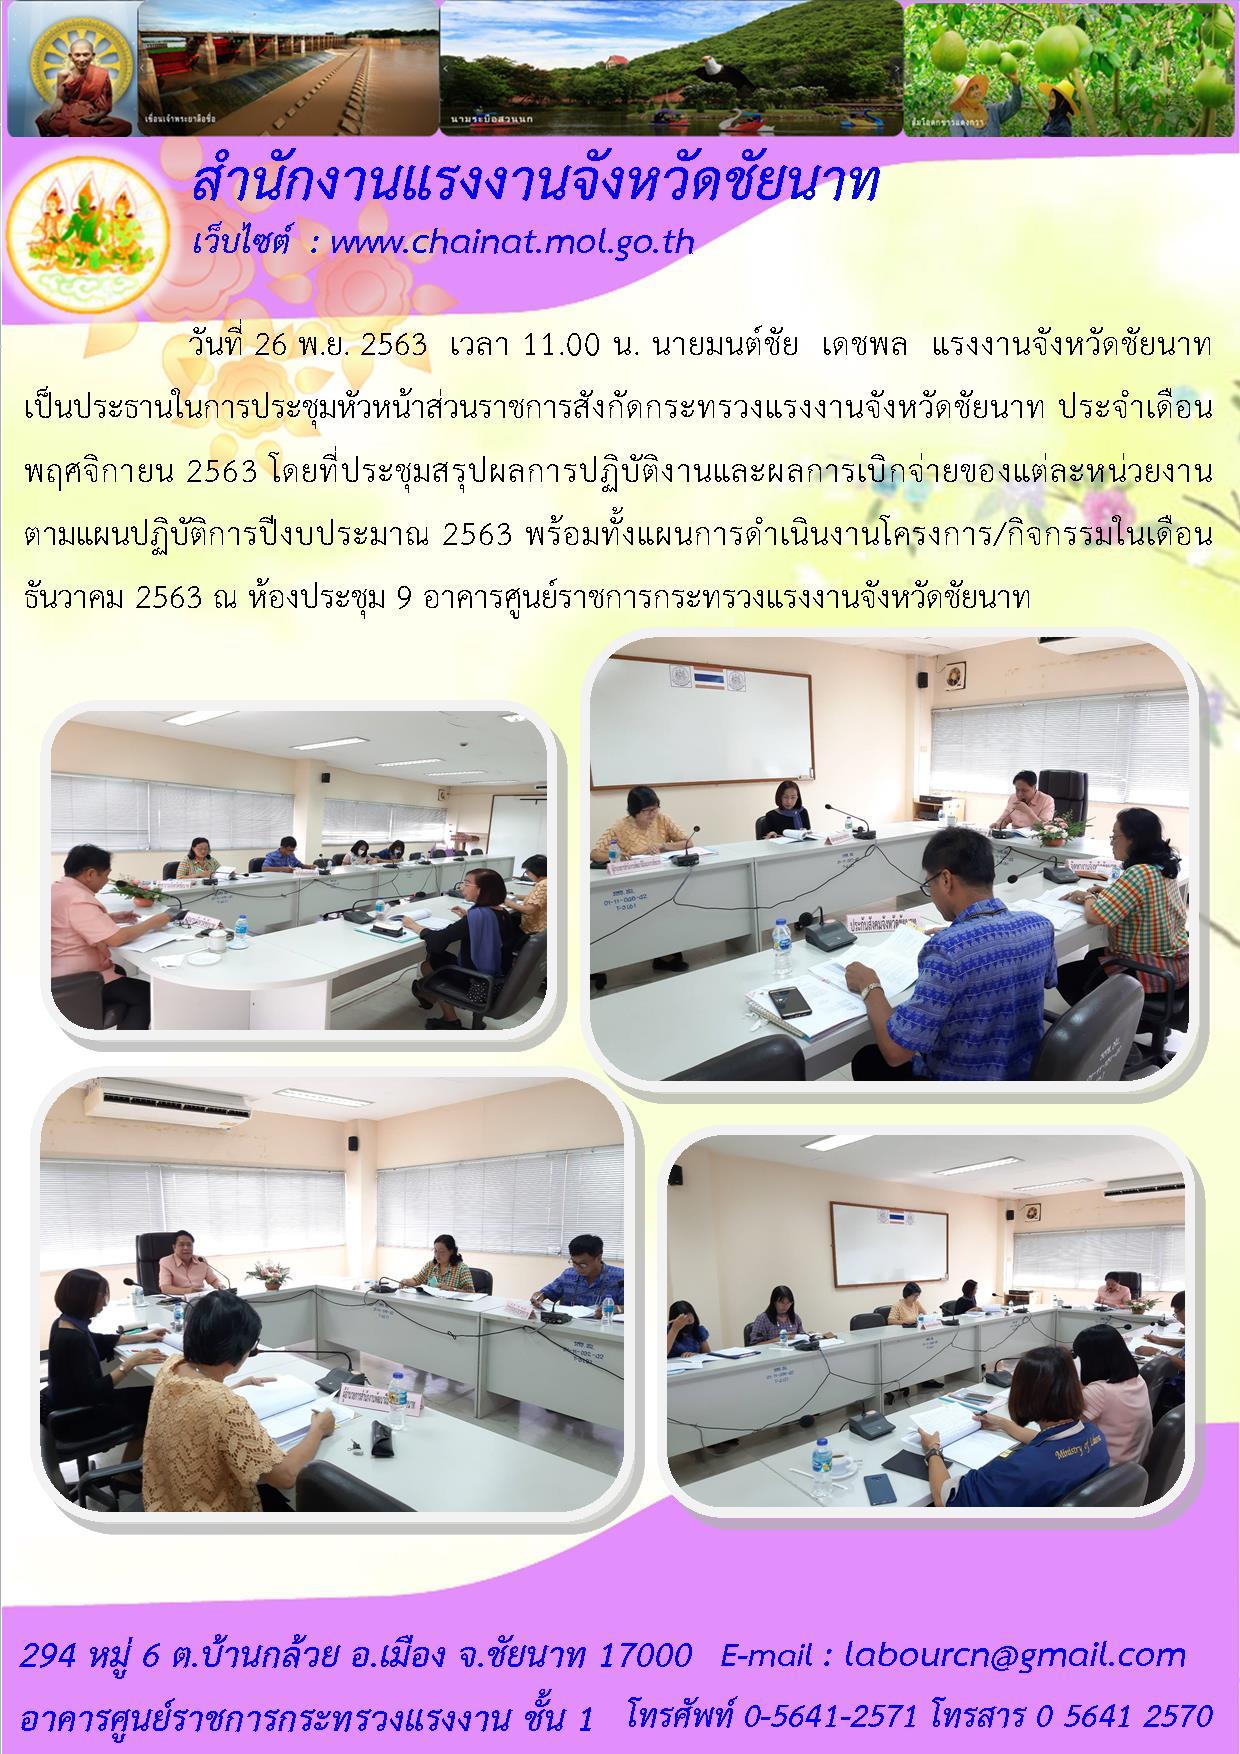 สำนักงานแรงงานจังหวัดชัยนาท จัดประชุมหัวหน้าส่วนราชการสังกัดกระทรวงแรงงาน ประจำเดือนพฤศจิกายน 2563